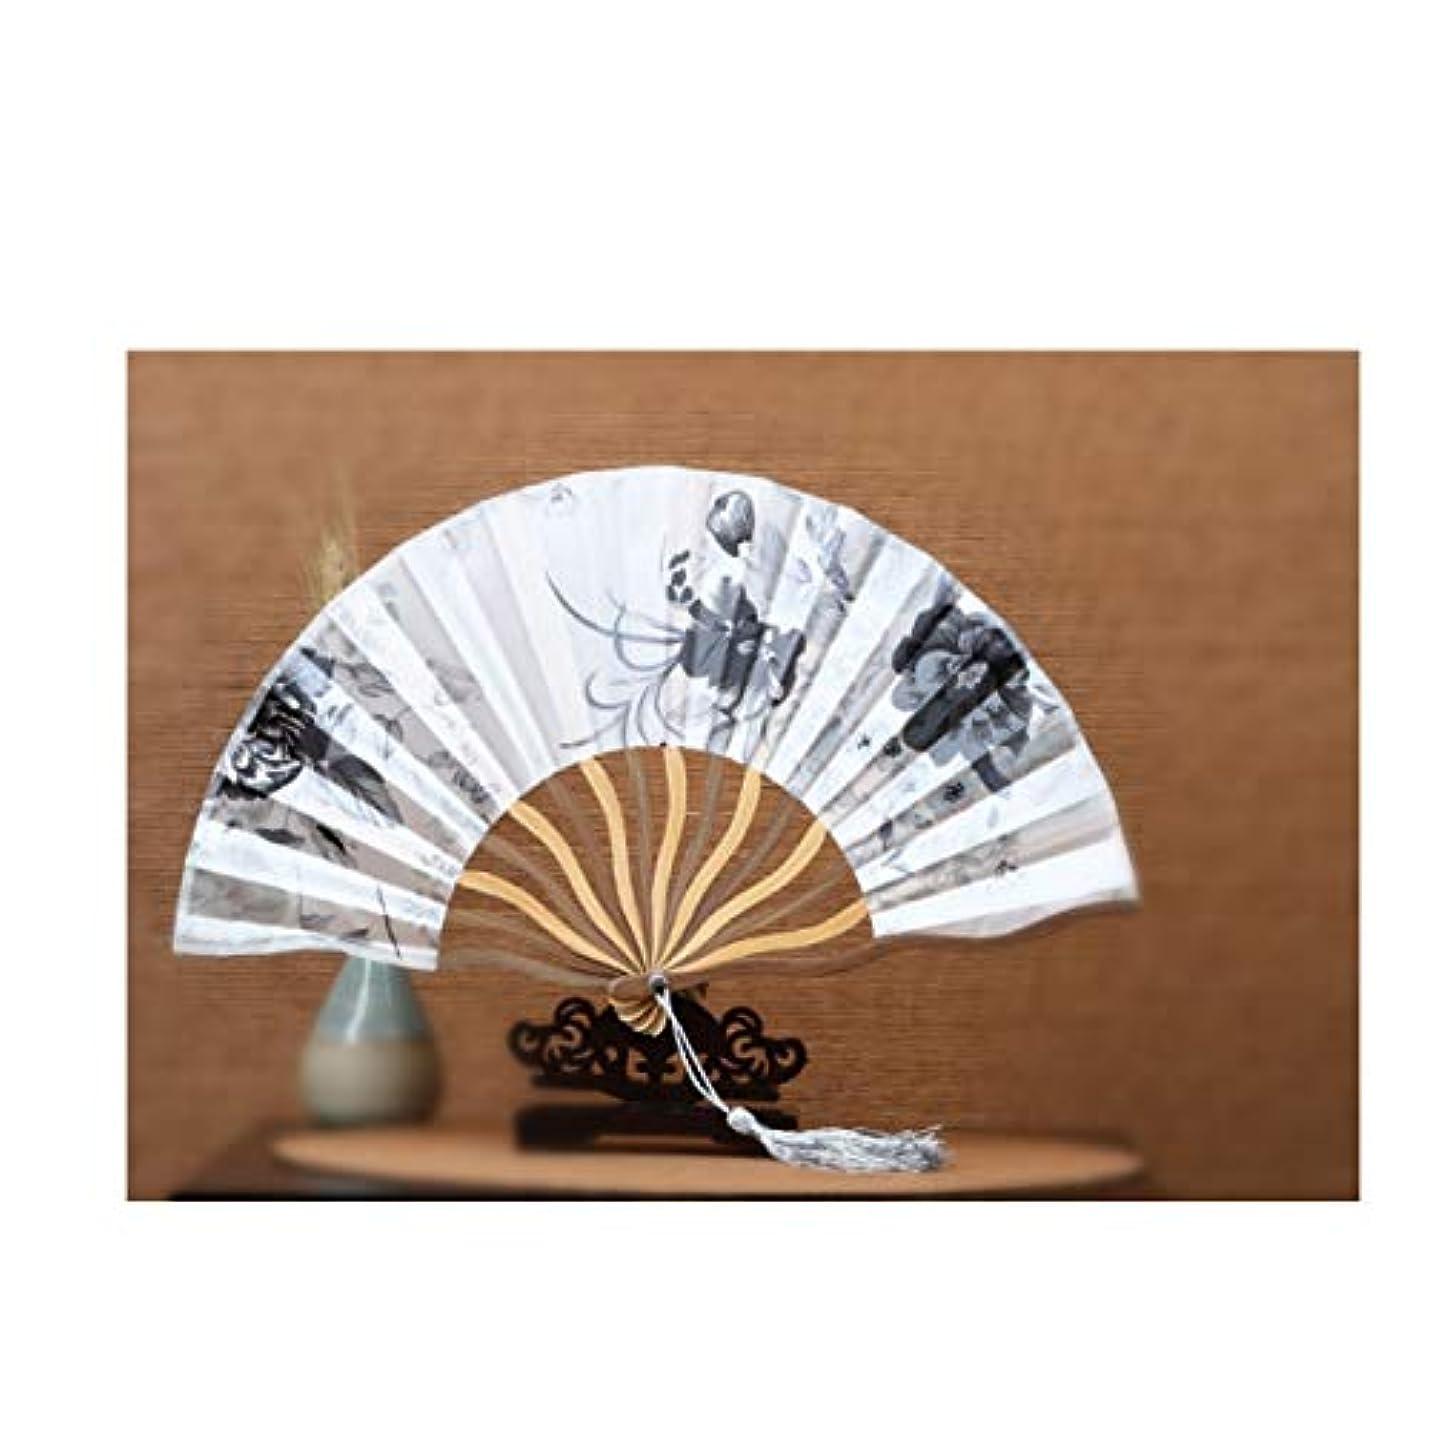 クレデンシャルウィスキーモードQIANZICAI 扇子、クリップカラーの女性の扇風機、女性の扇子、コンパクトサテンの扇子、5-6インチキールのファン、コンパクトとポータブル 滑らかな感触 (Color : D1)